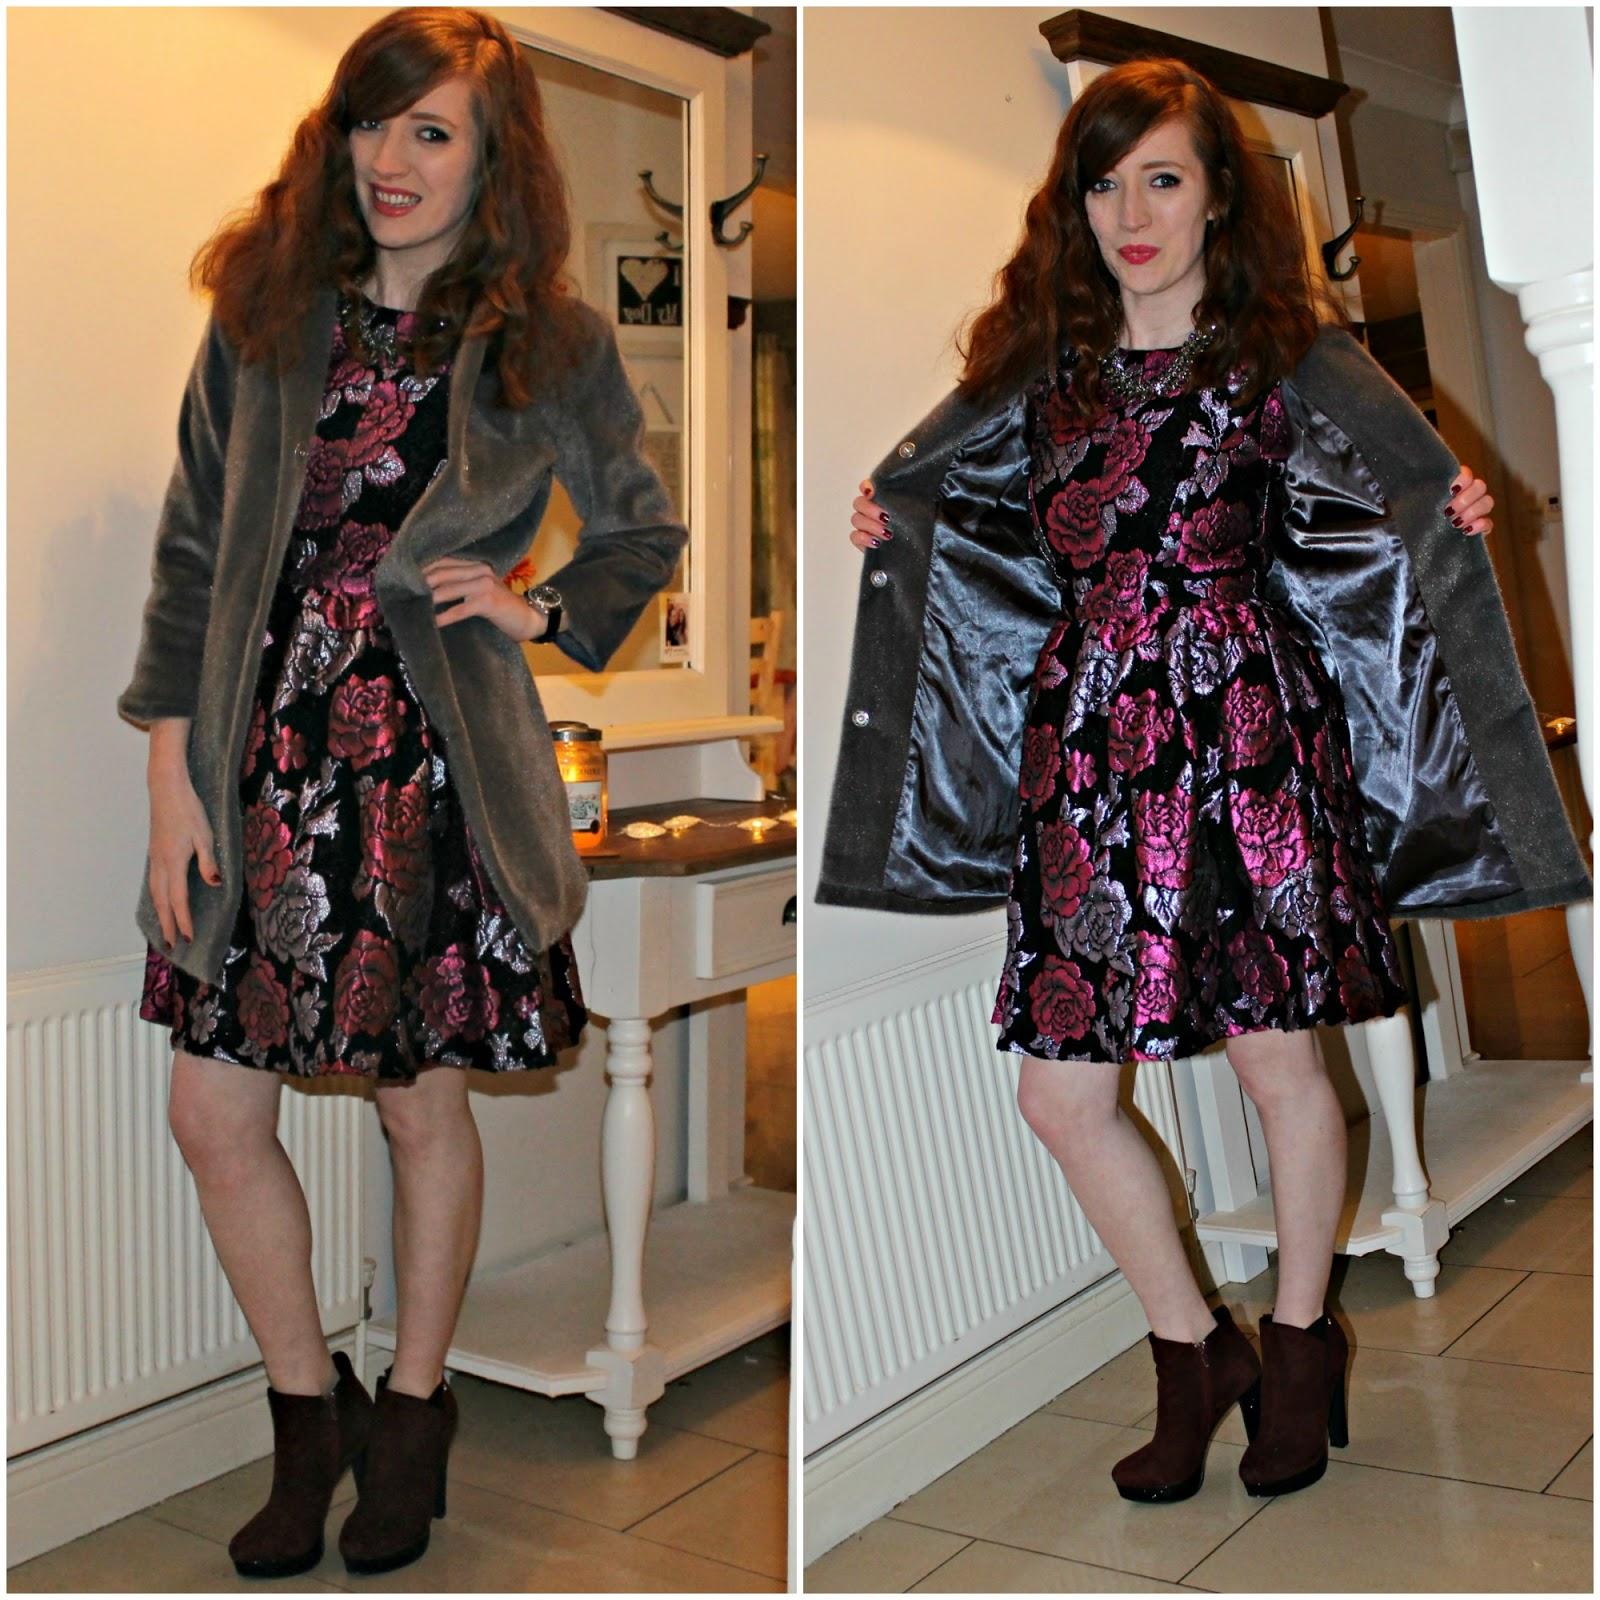 bec boop valentines fashion